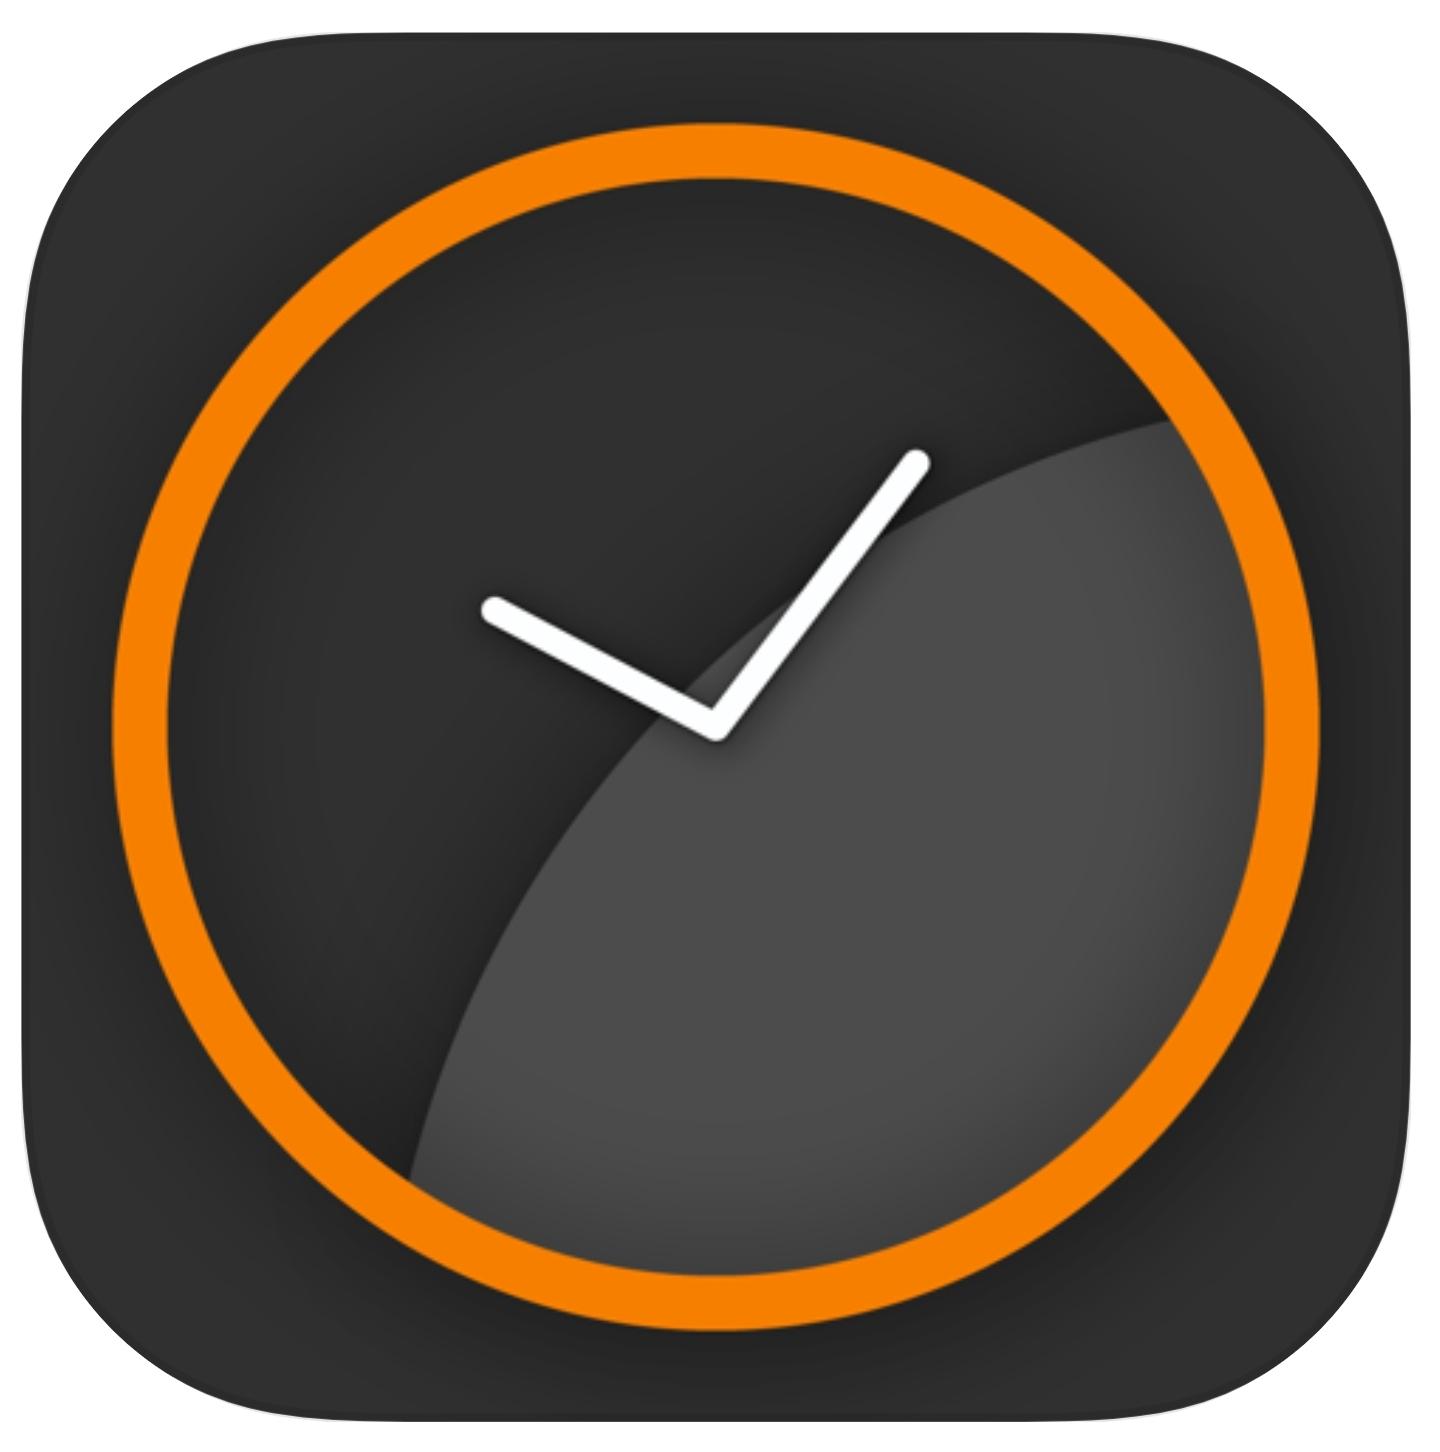 iOS Timity Zeitrechner derzeit gratis anstatt 1,09 Euro